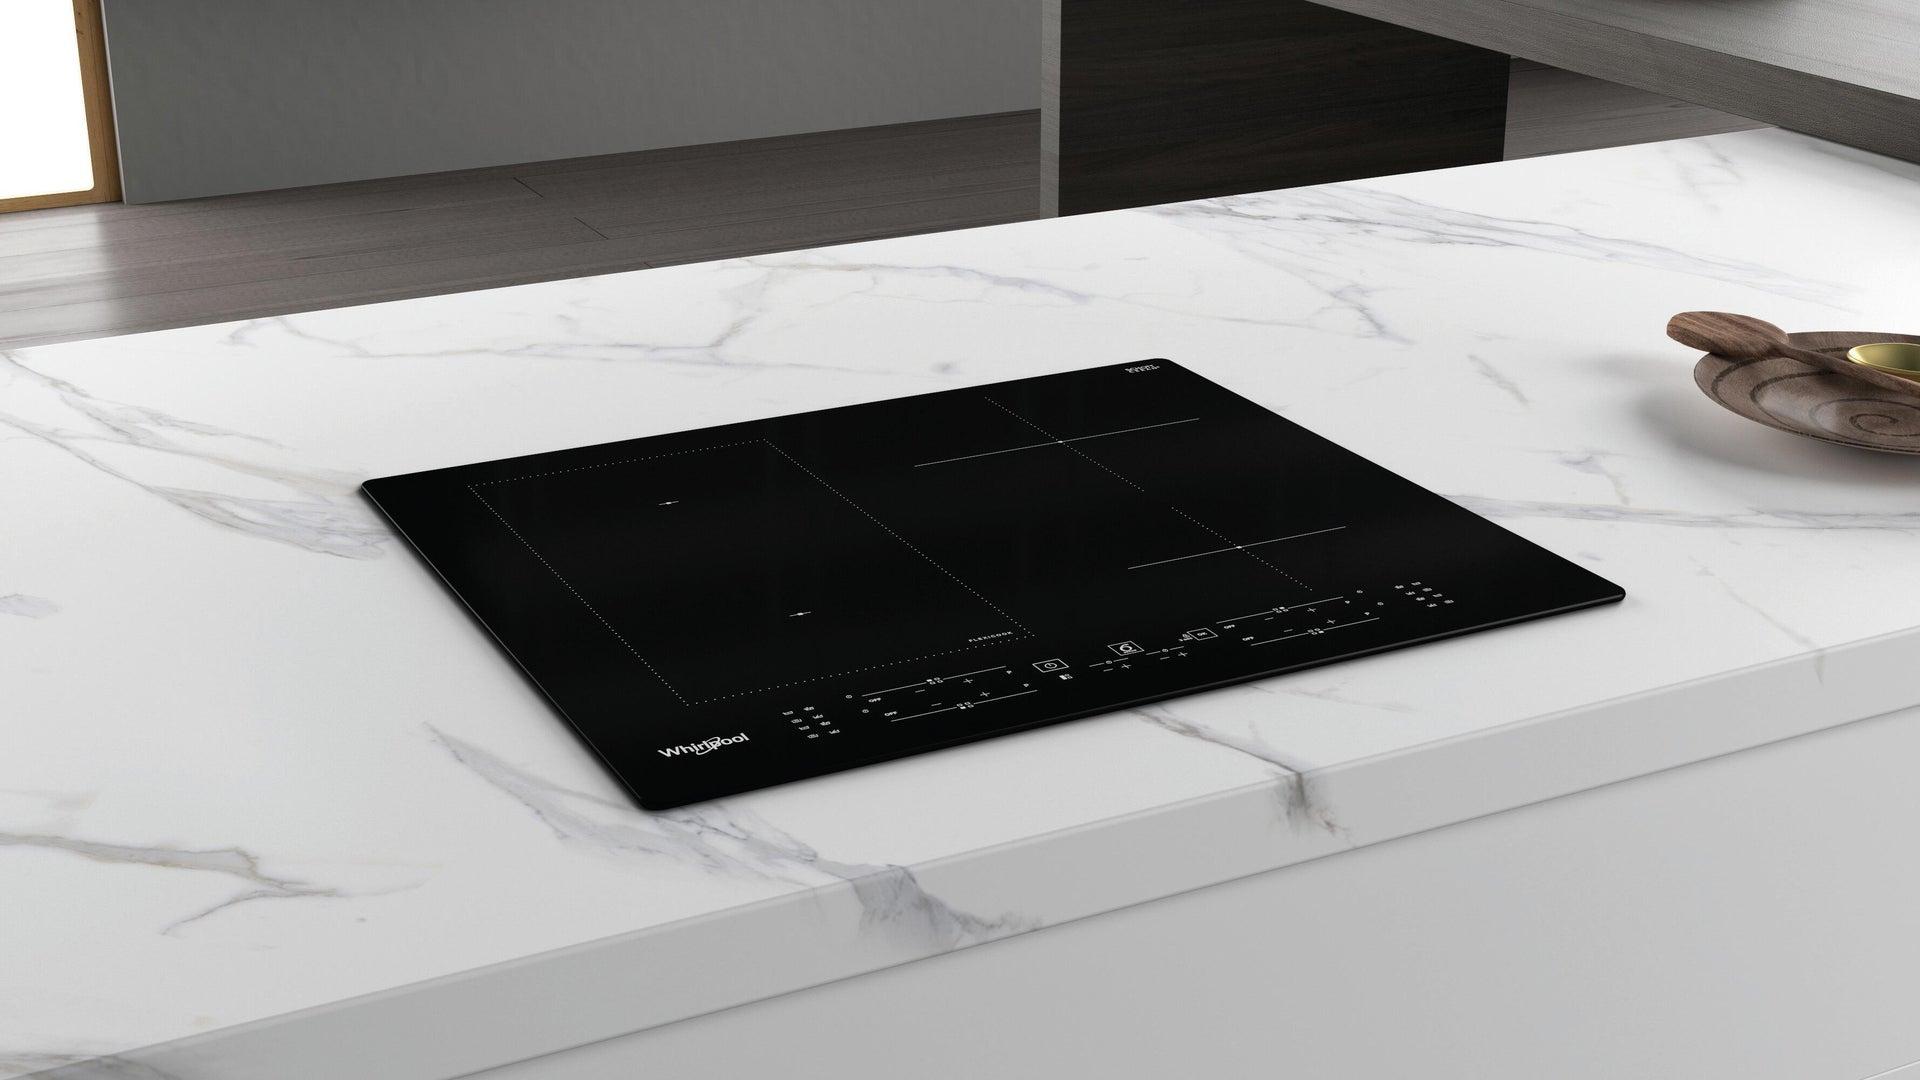 Piano cottura induzione 56 cm WHIRLPOOL WL B8160 NE - 2